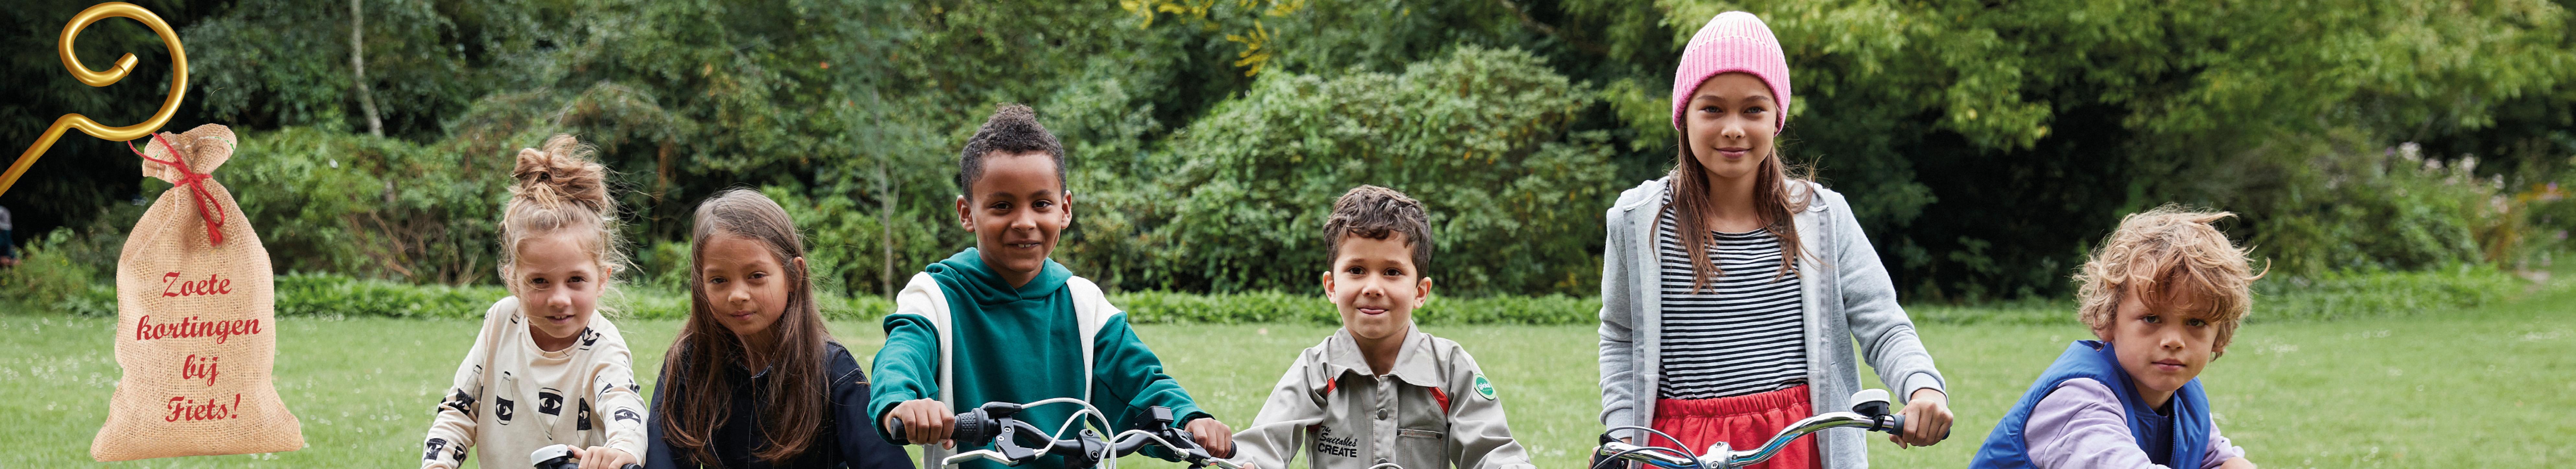 Kinderen zijn klaar voor kortingen op kinderfietsen